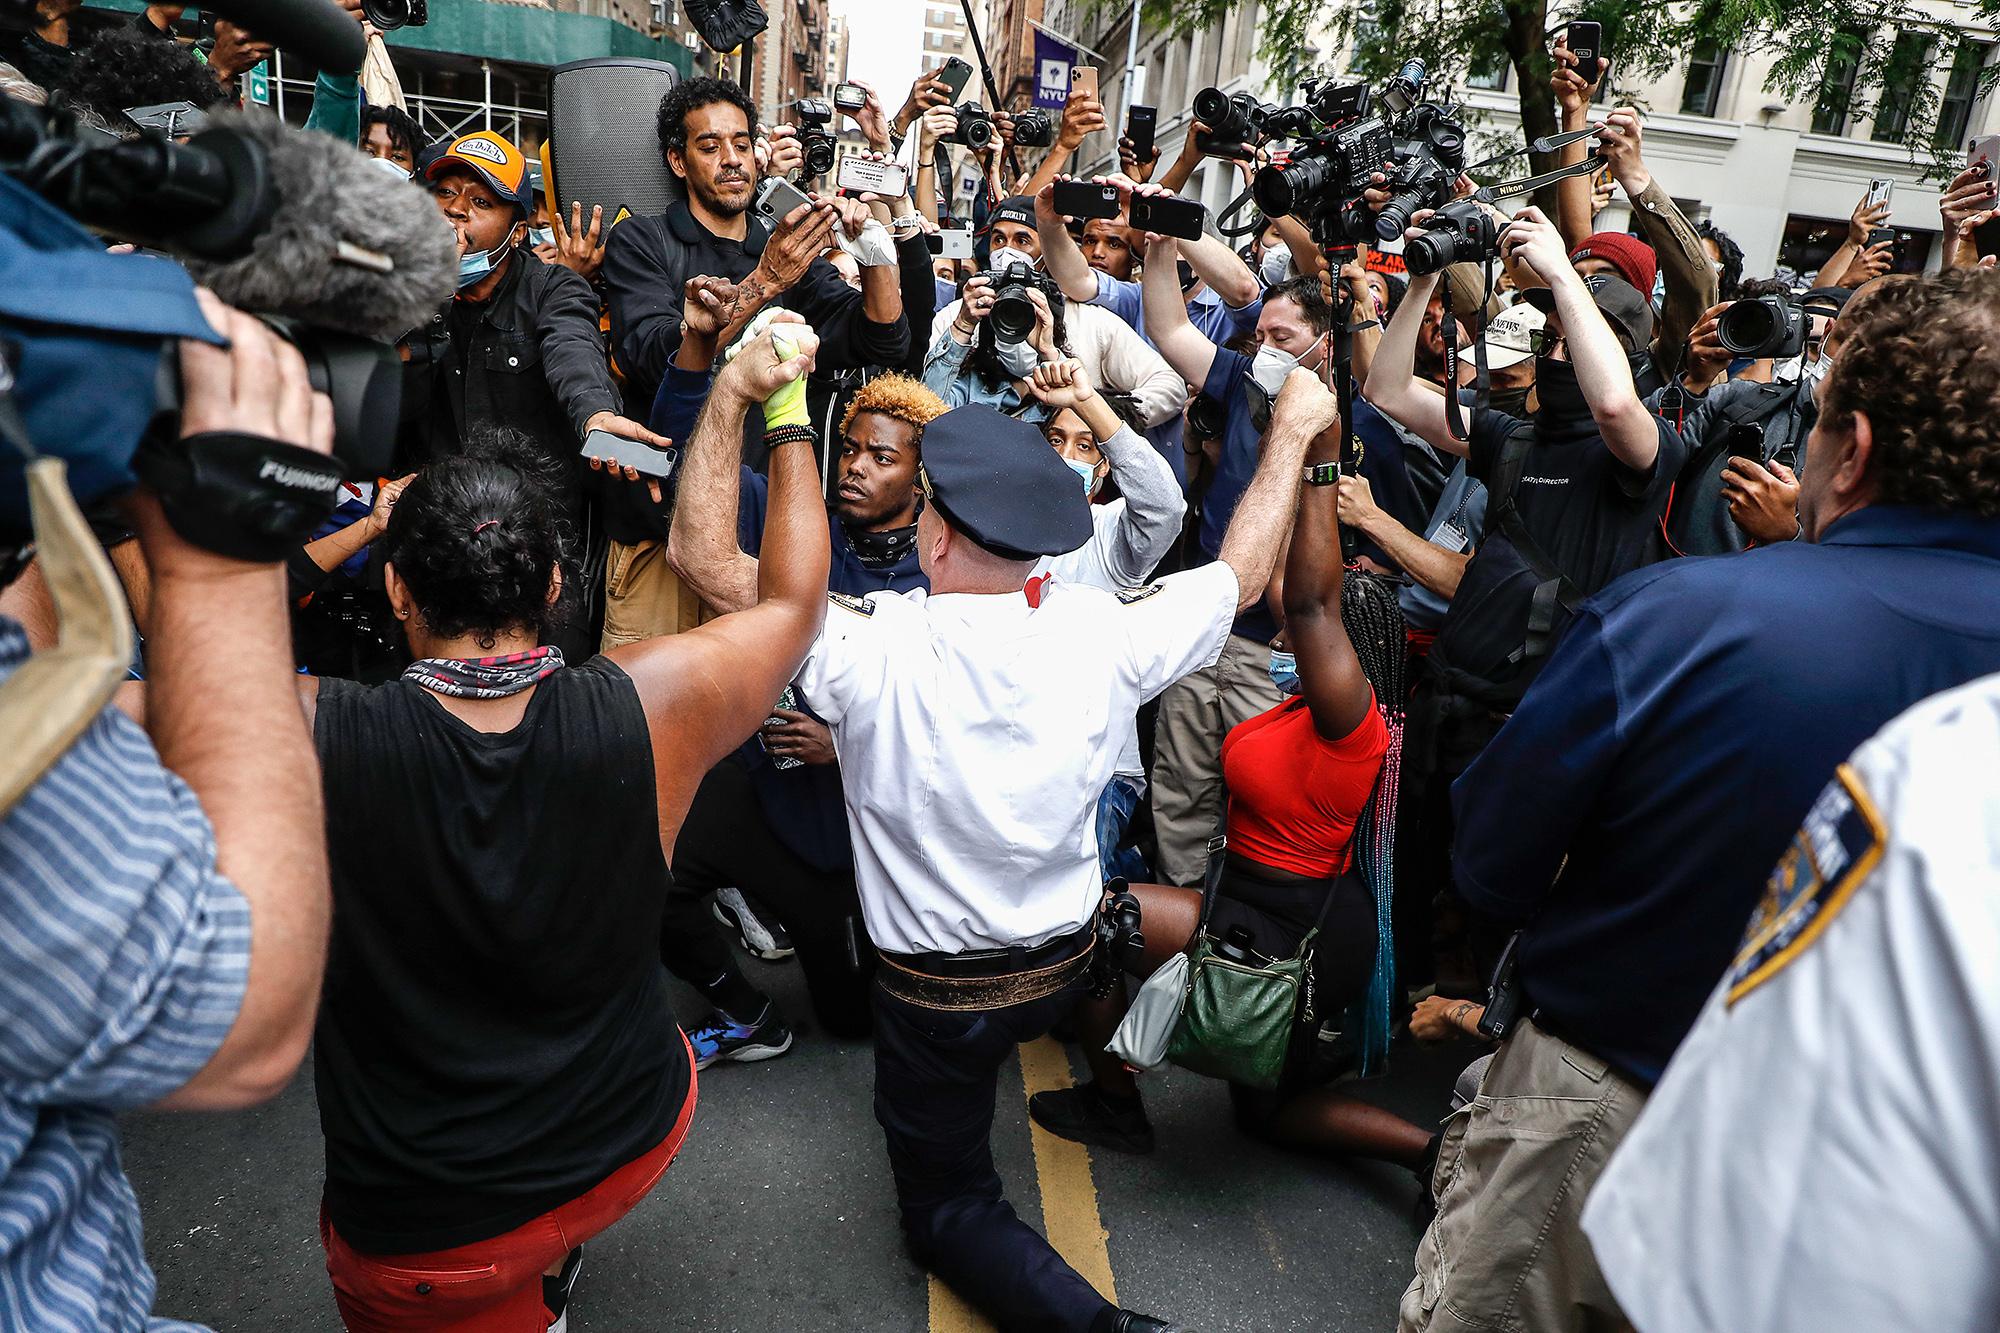 Шеф нью-йоркской полиции выражает солидарность сучастниками протеста вВашингтон сквер-парке.